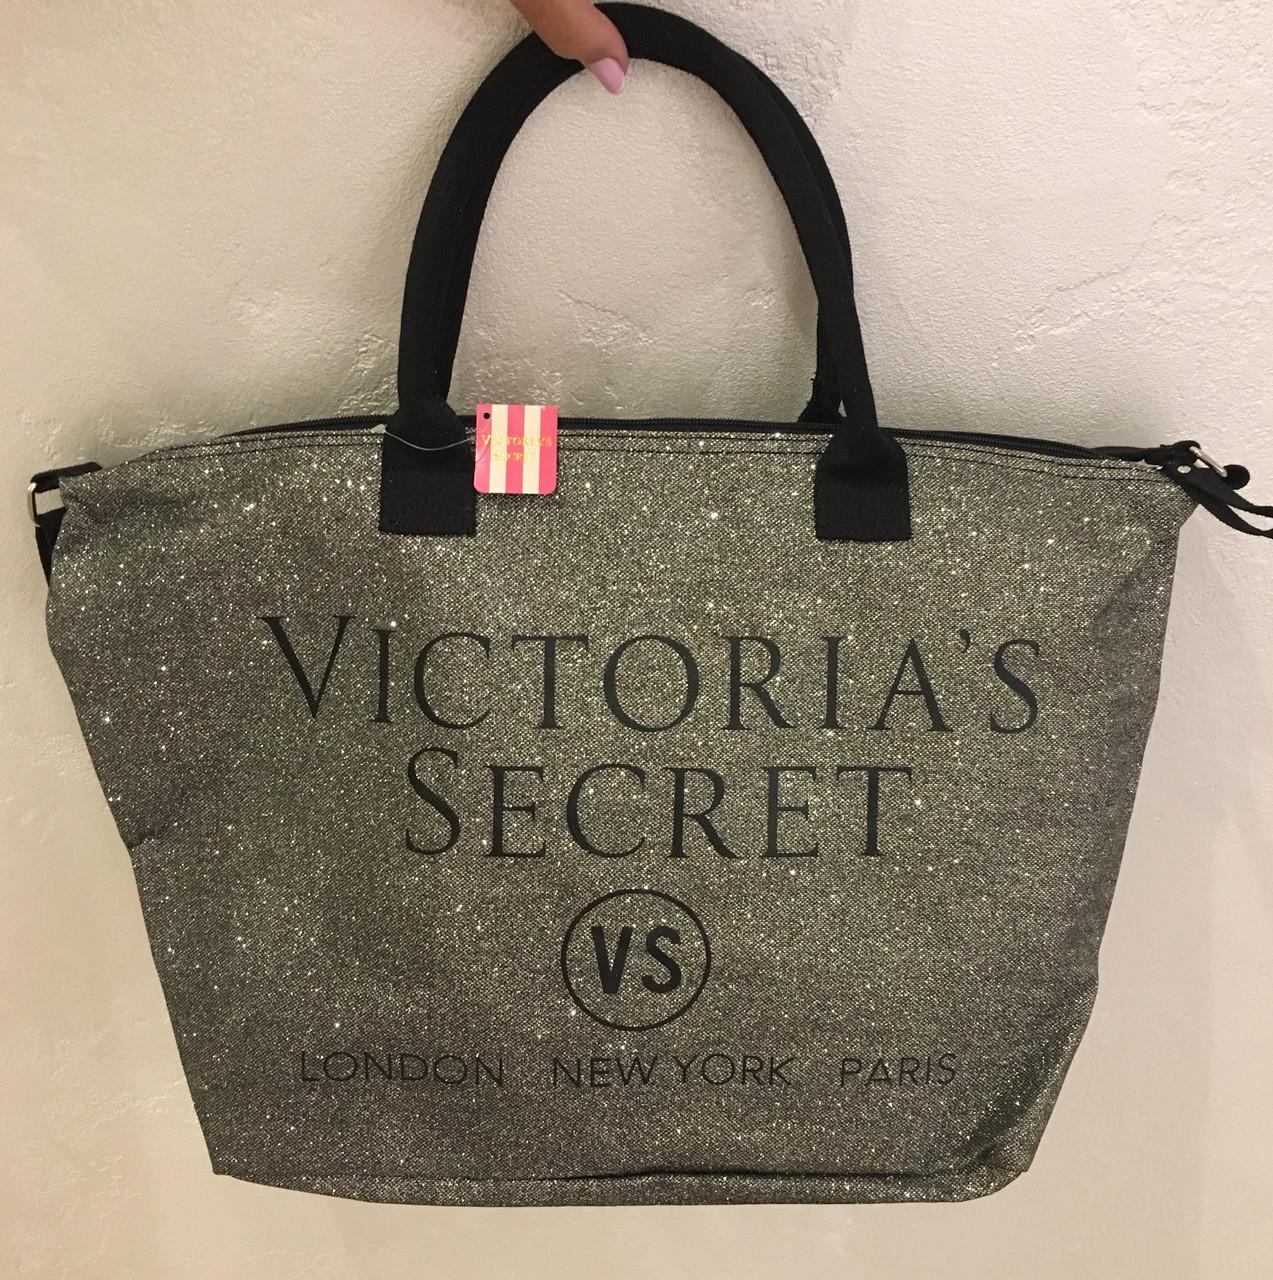 a34f035ca16a Сумка пляжная Victoria's Secret - Интернет-магазин